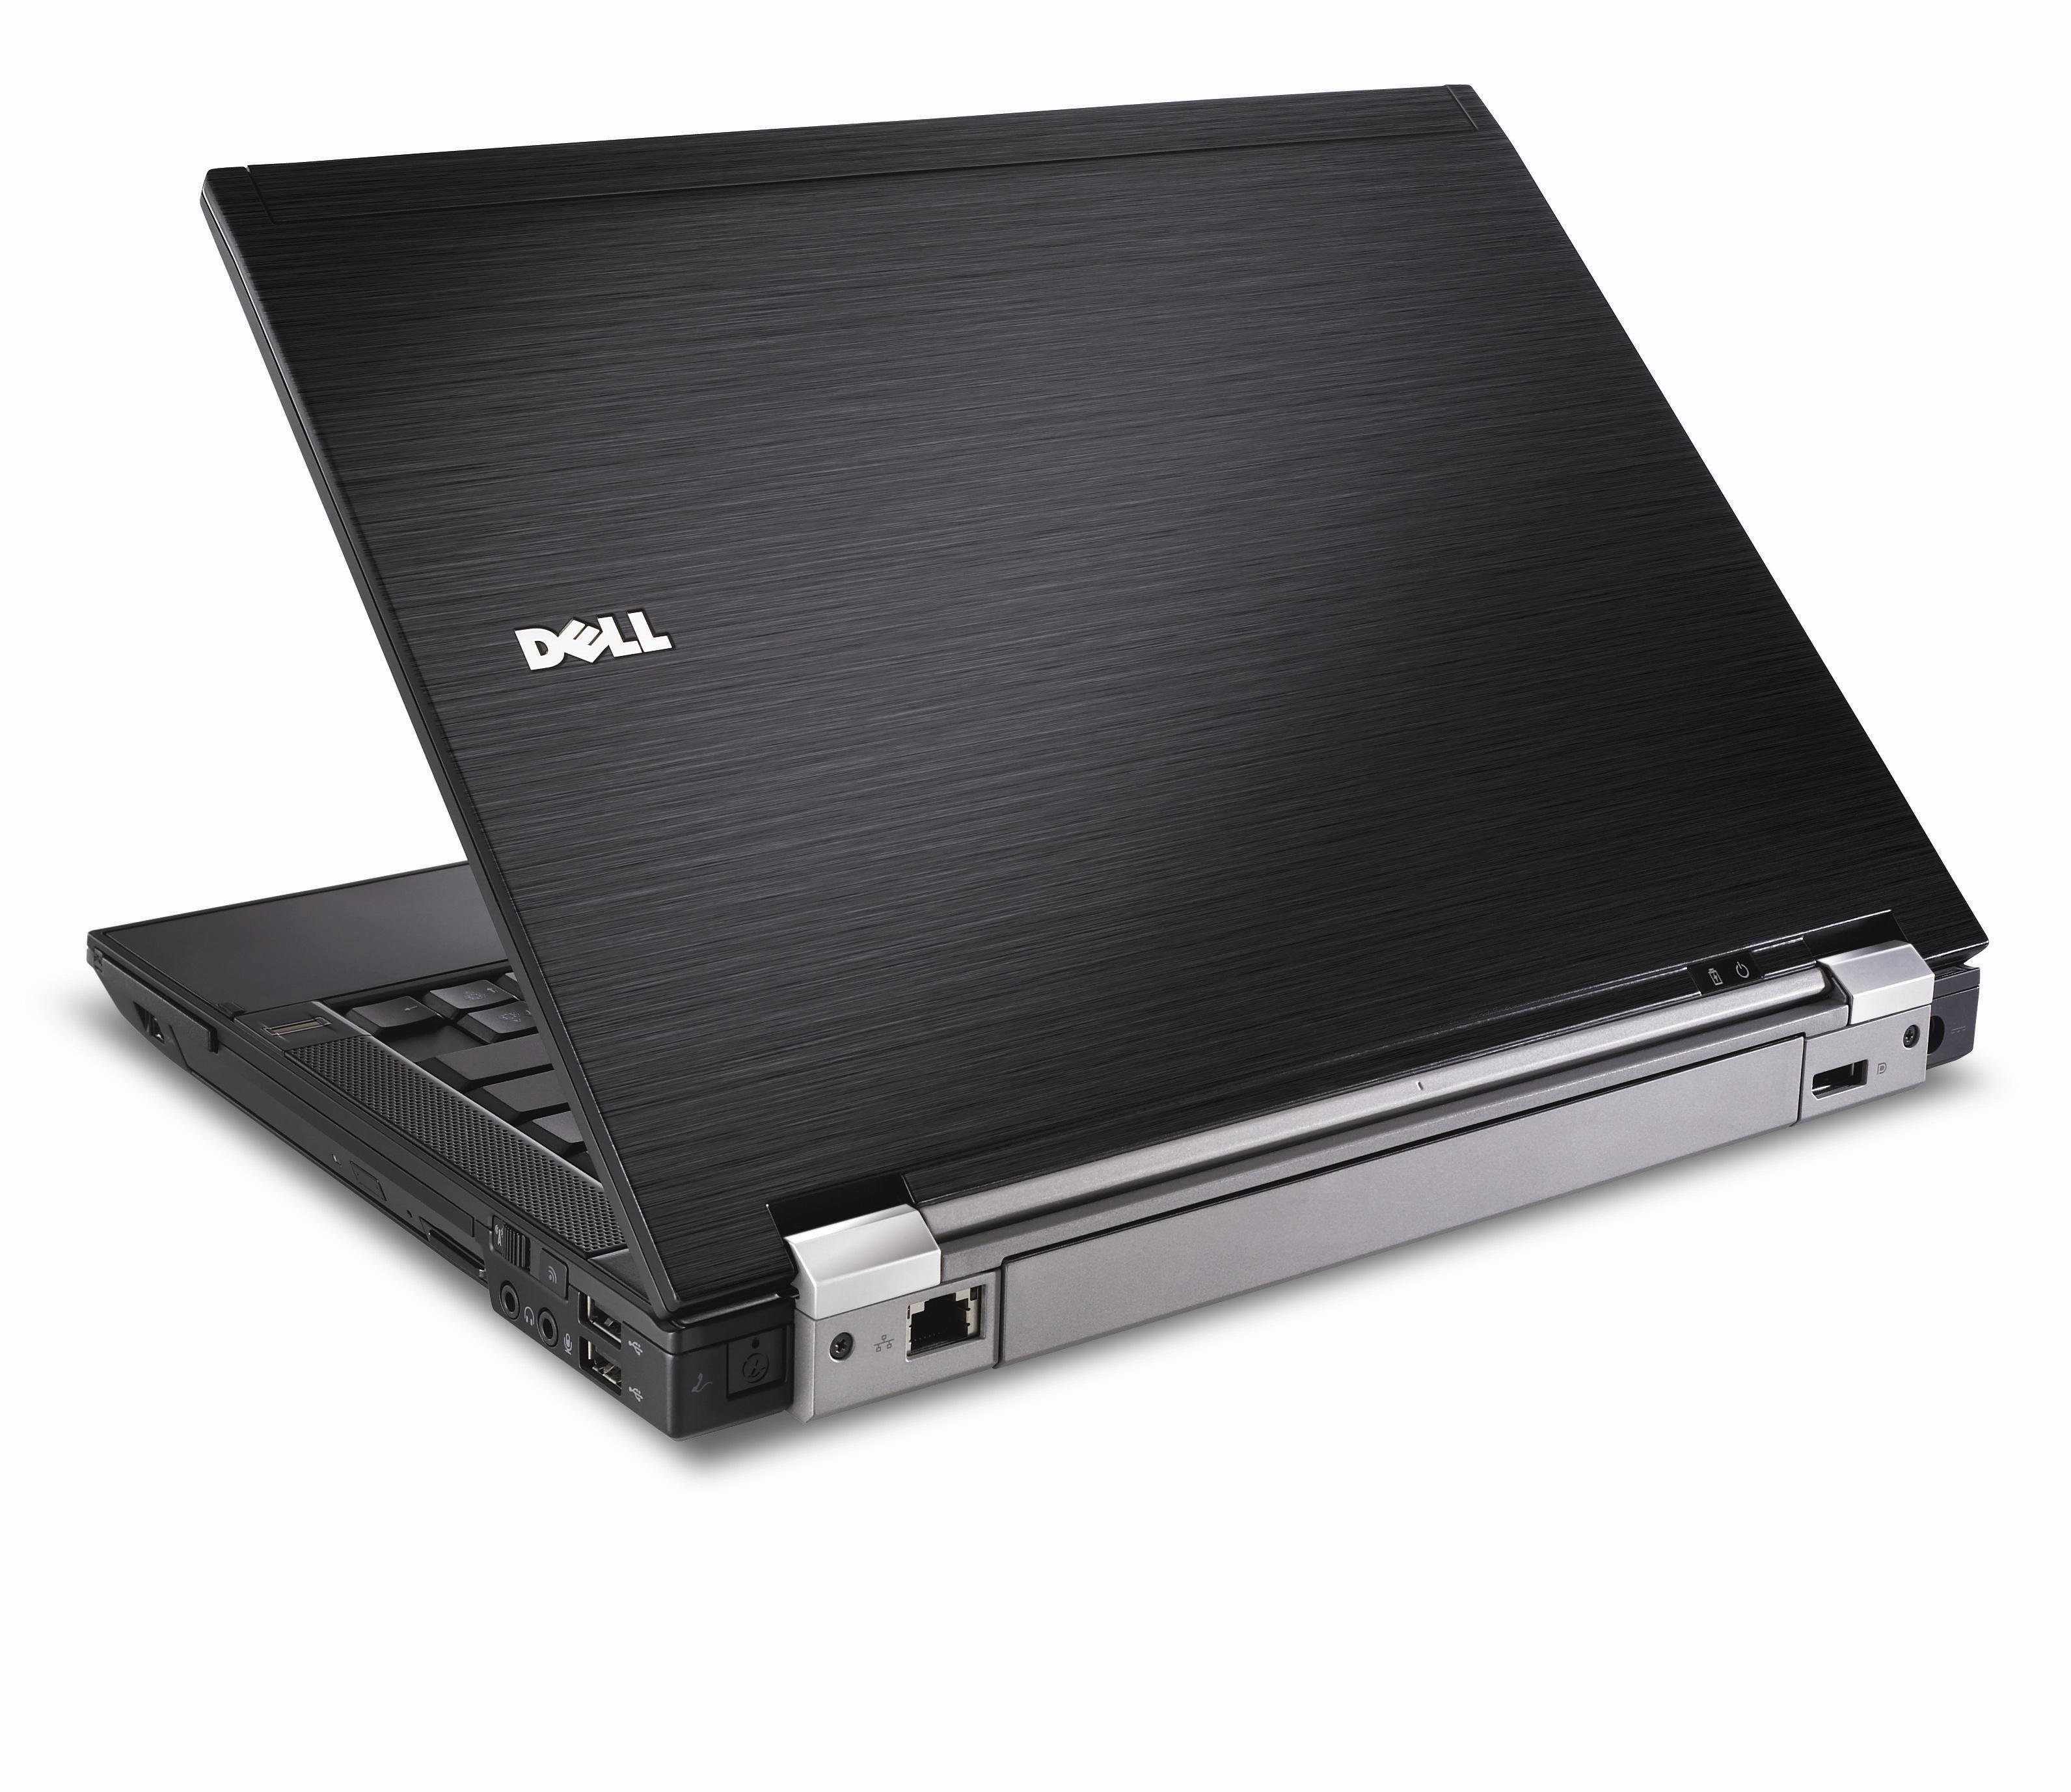 Laptop Dell Latitude E6400; Core 2 Duo 2.2 Ghz; 2 Gb; 80 Gb; Intel; Dvd; 14 Inch; Sh;